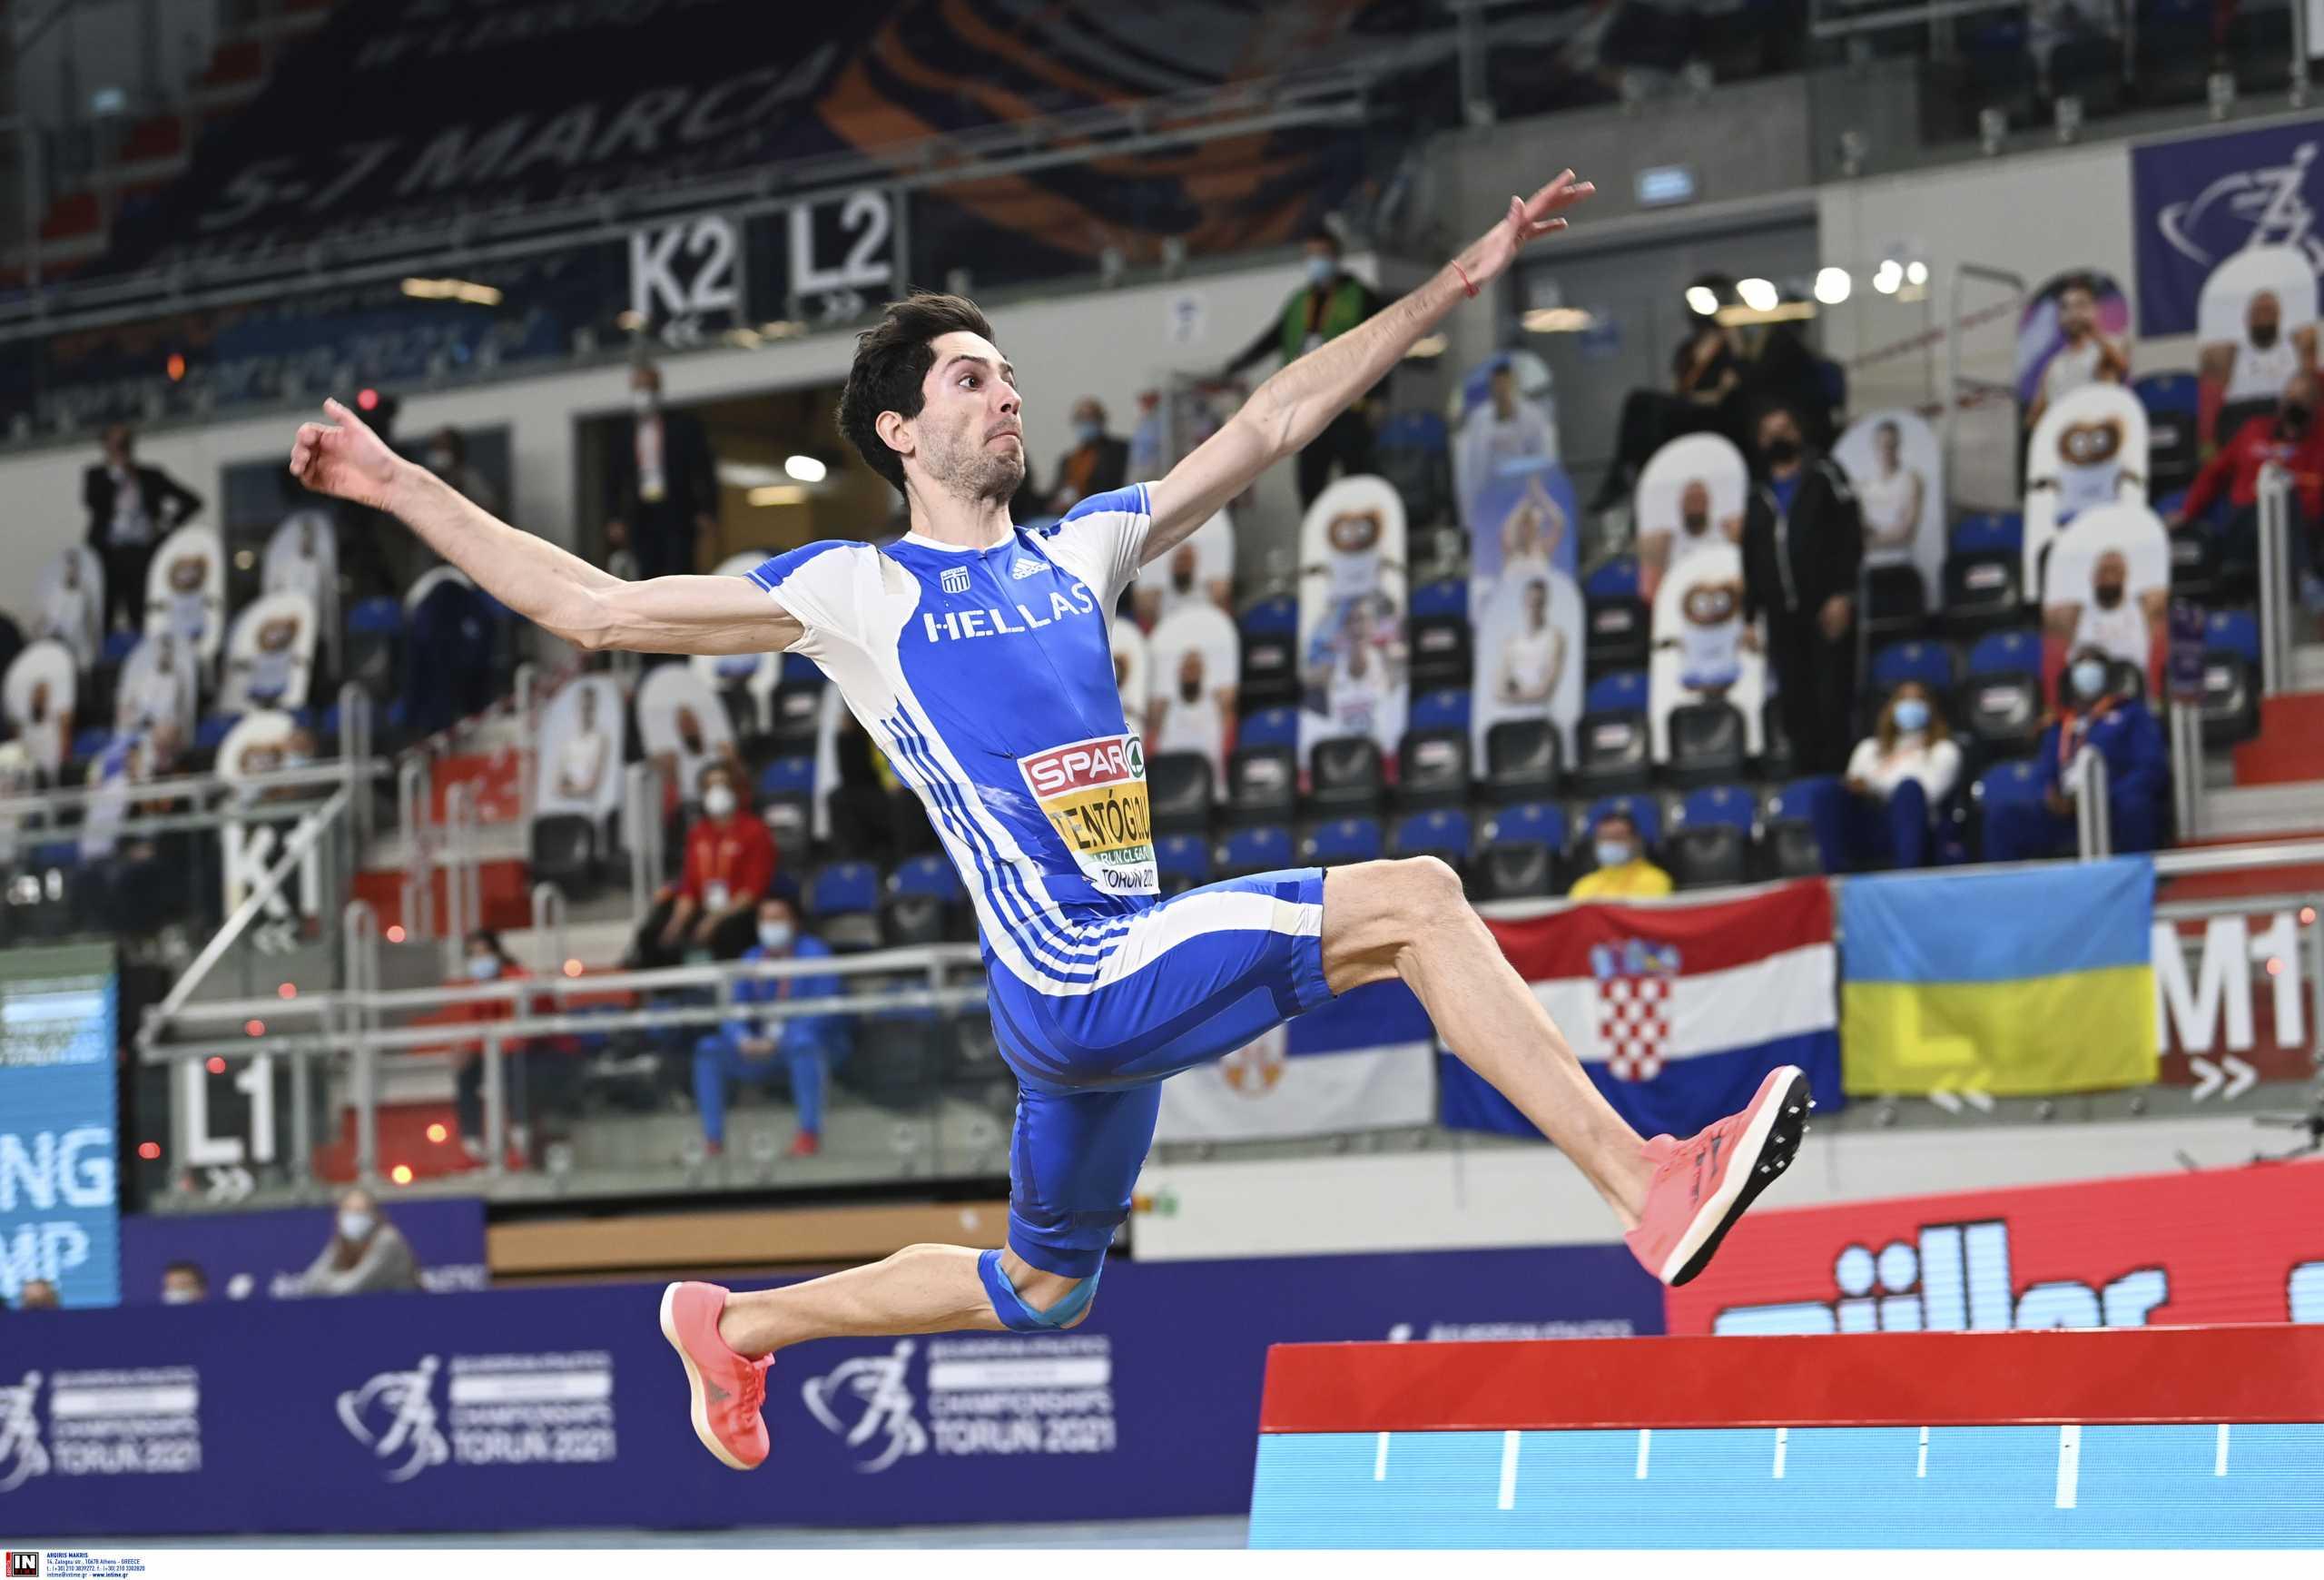 Πρωταθλητής Ευρώπης με την κορυφαία επίδοση στον κόσμο ο Τεντόγλου στο μήκος (video)